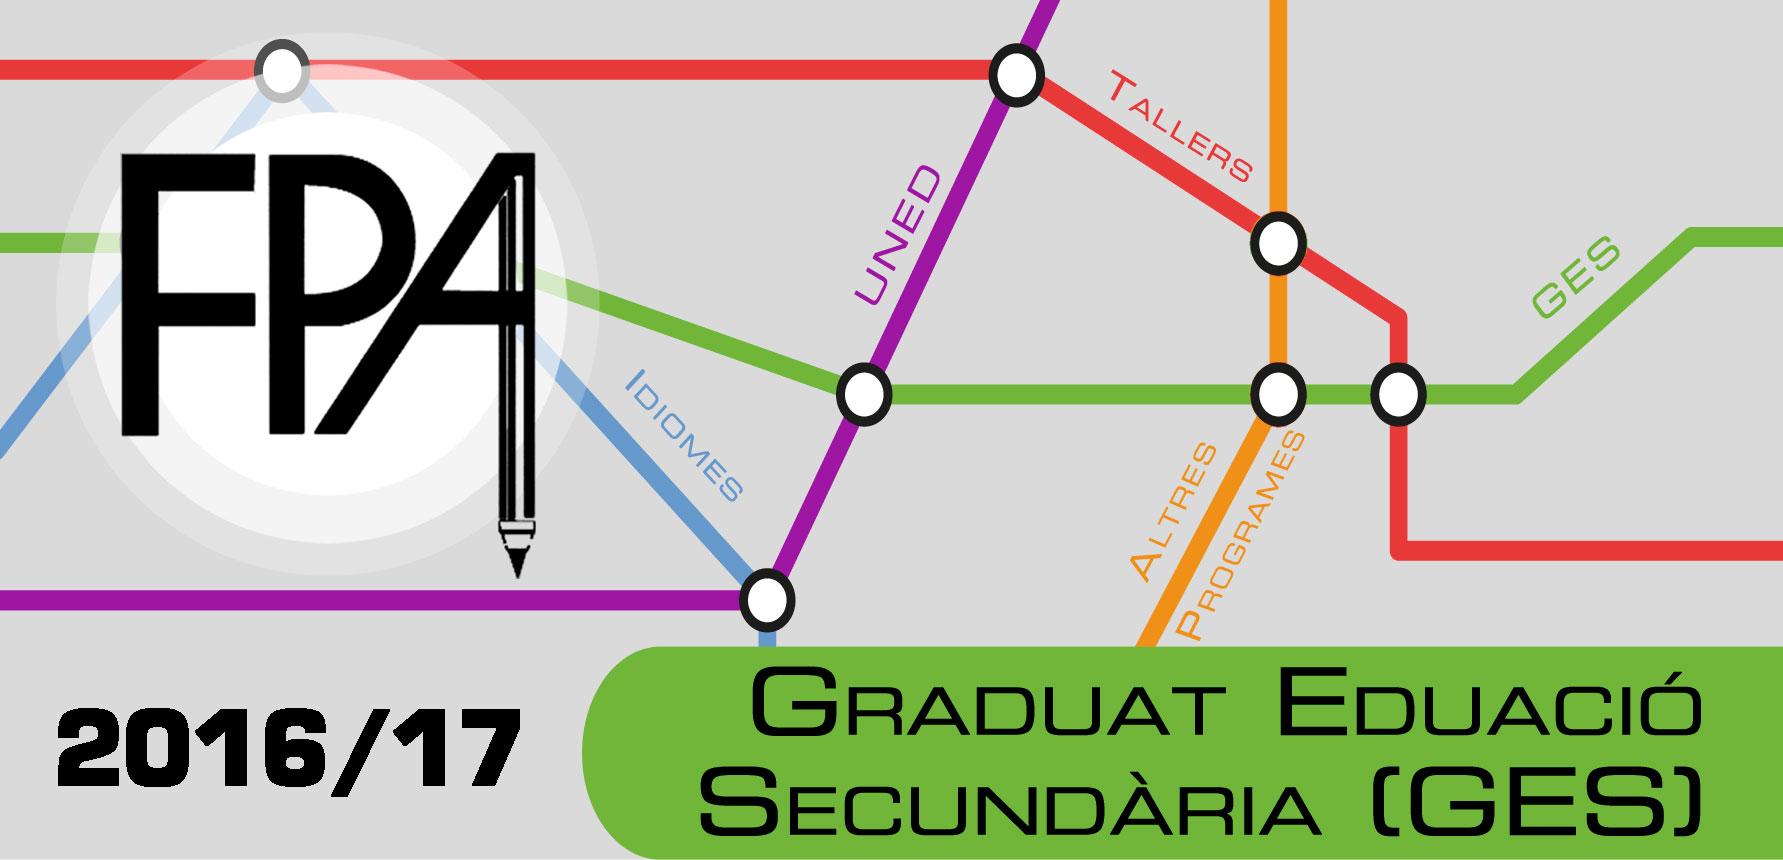 FPA CURS 2016-17 Graduat Educació Secundária (GES)